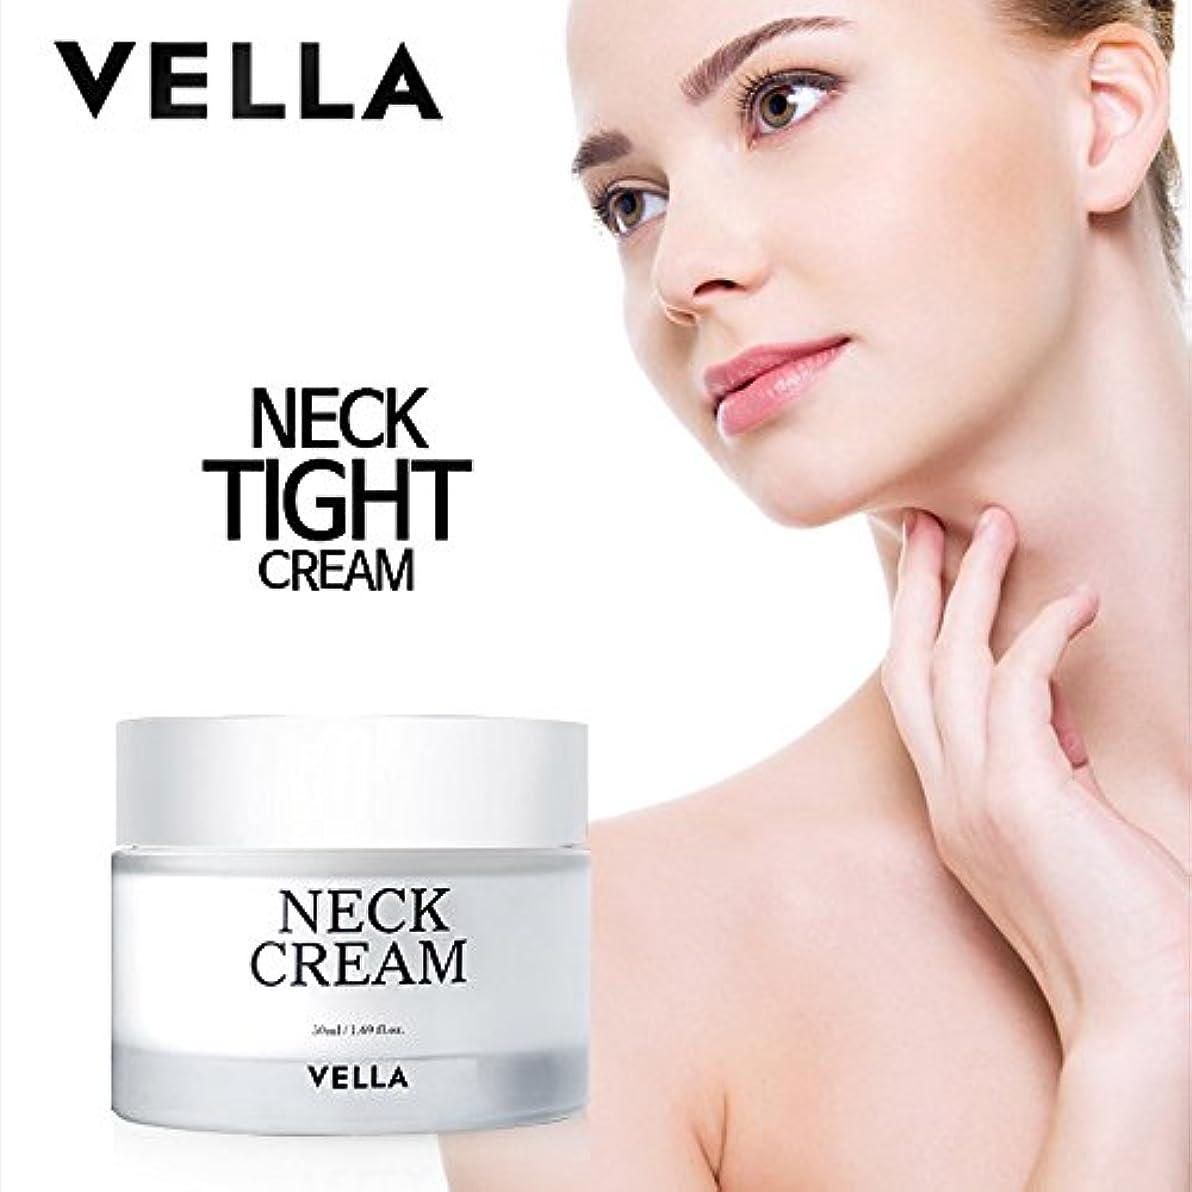 単語バズドメインVELLA Anti Wrinkle & Whitening Strong Neck Cream(体がキレイvella首専用のクリーム) 50ml [並行輸入品]